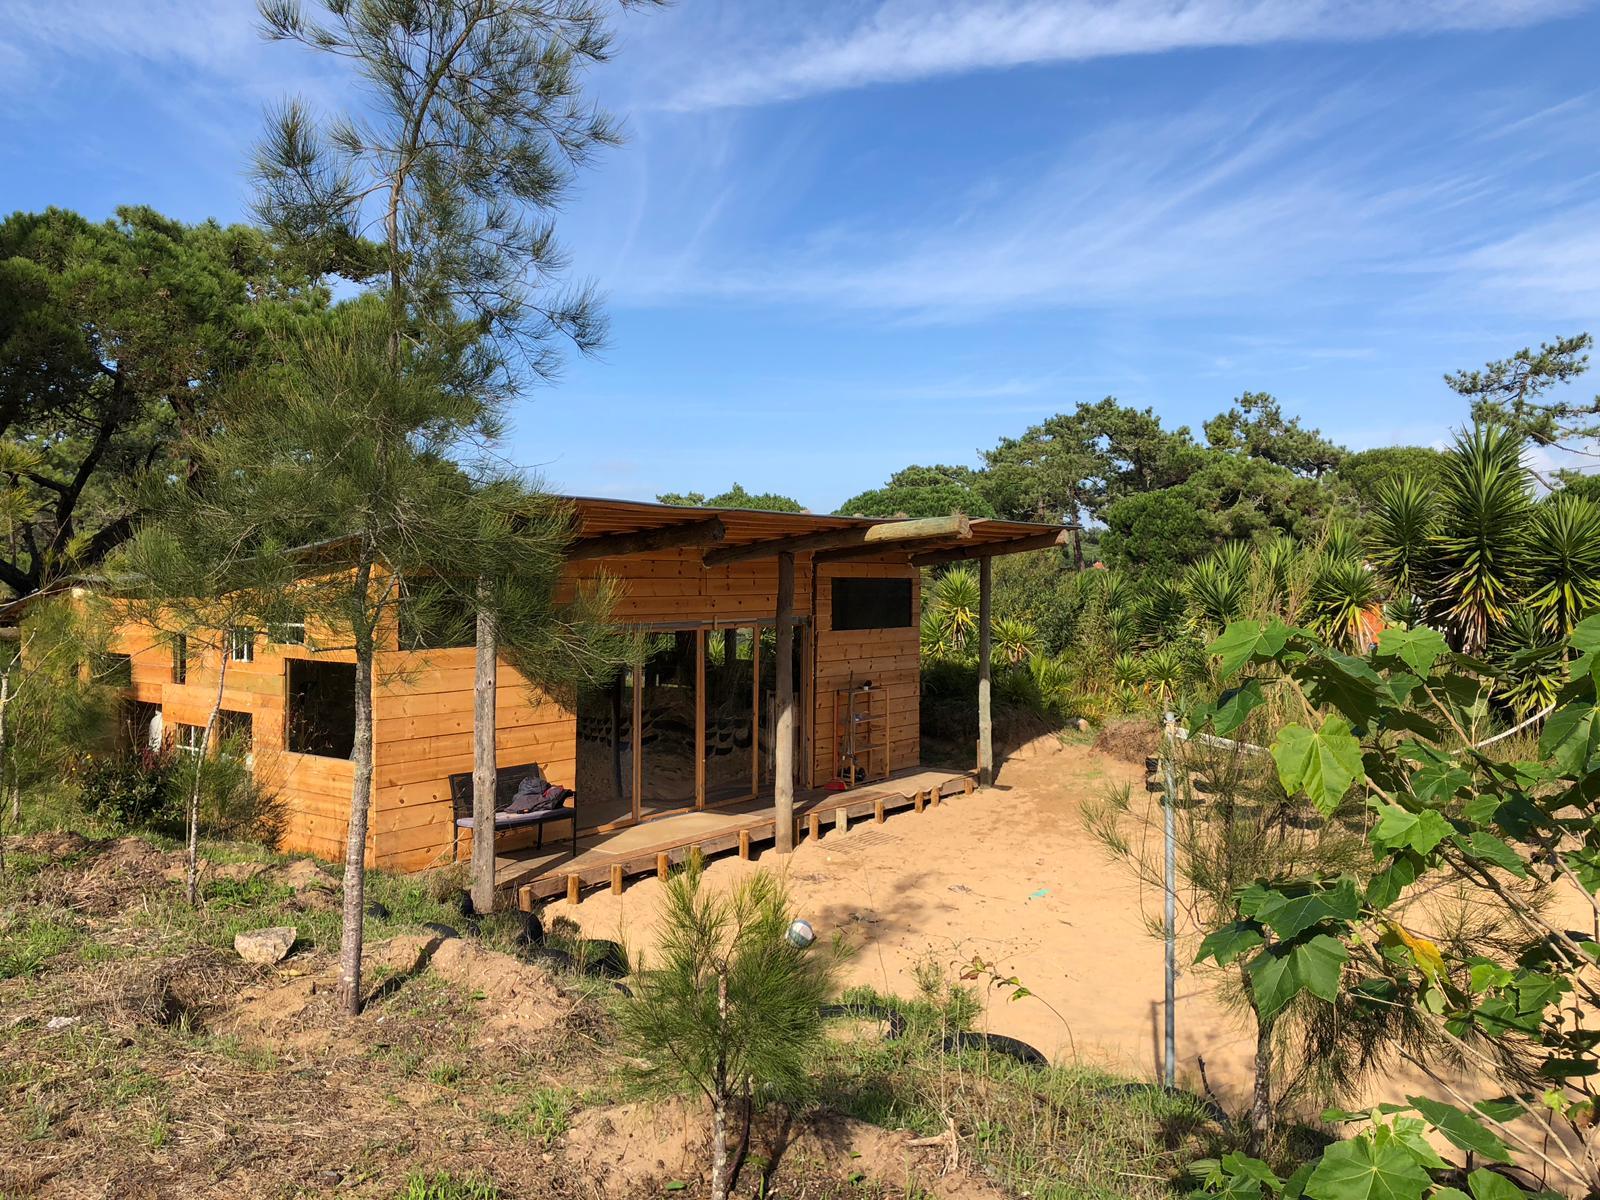 wooden pavilion for events/retreats